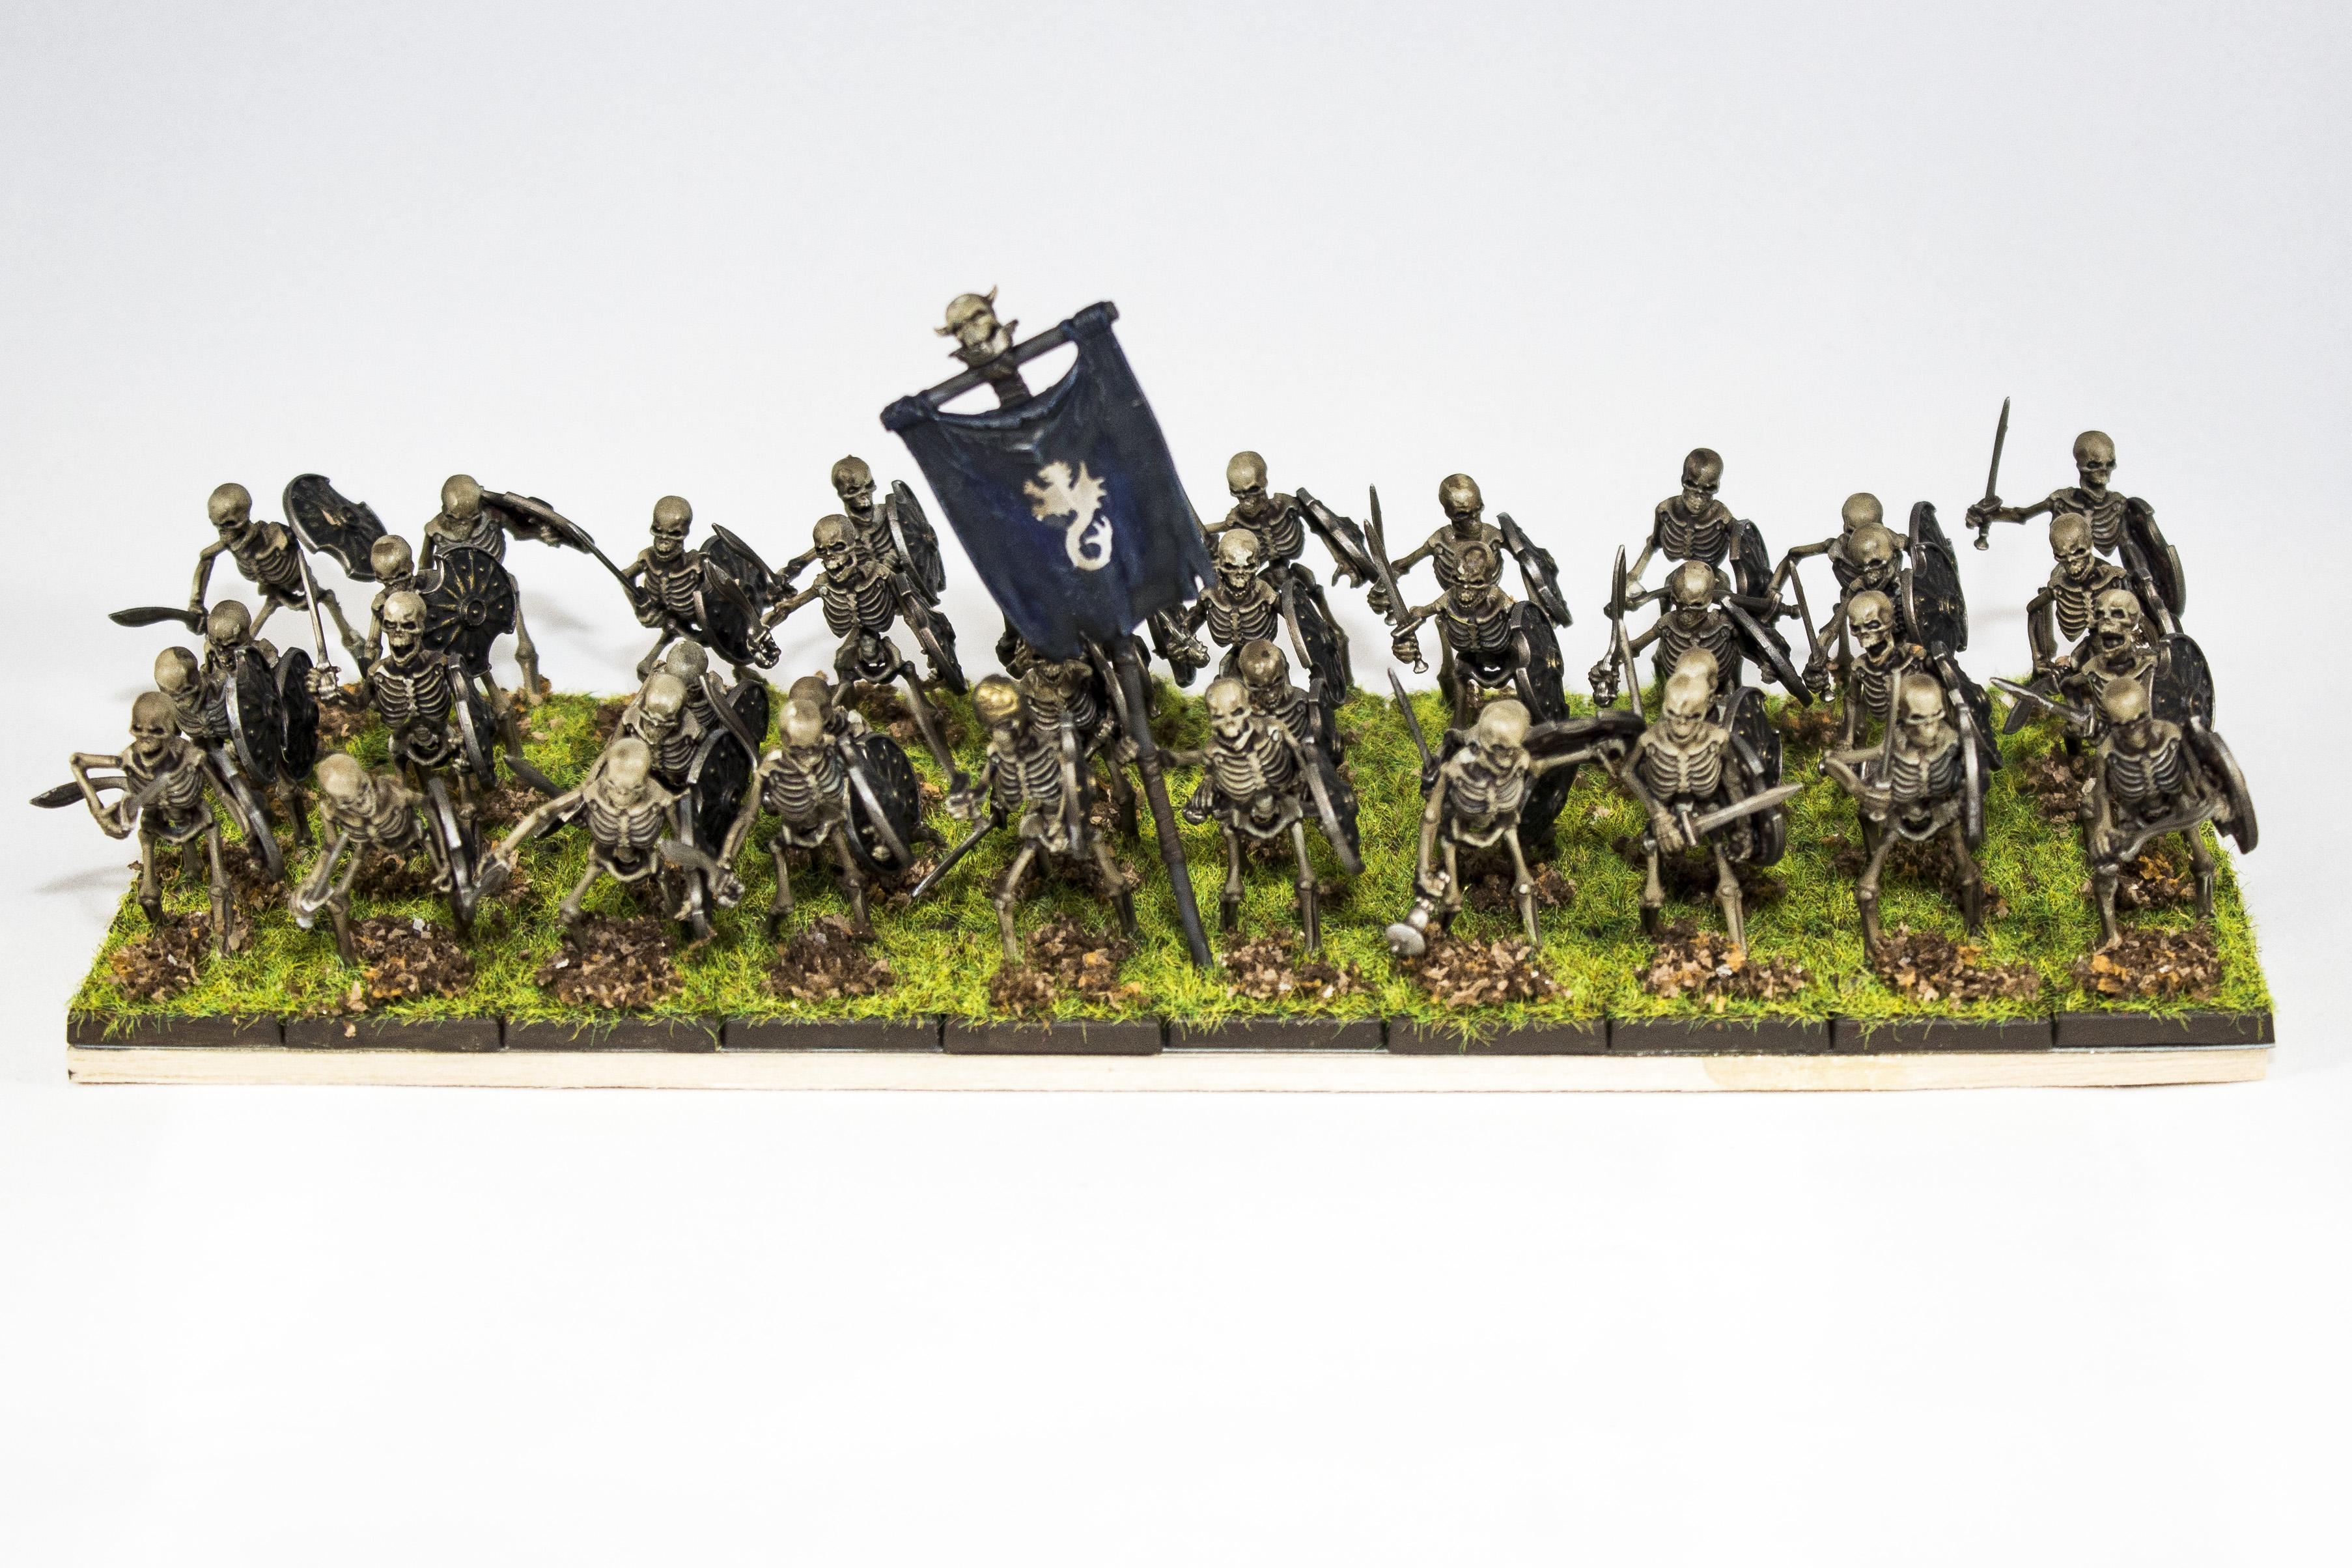 Undead_Skeleton_Horde_front_RETOUCHED